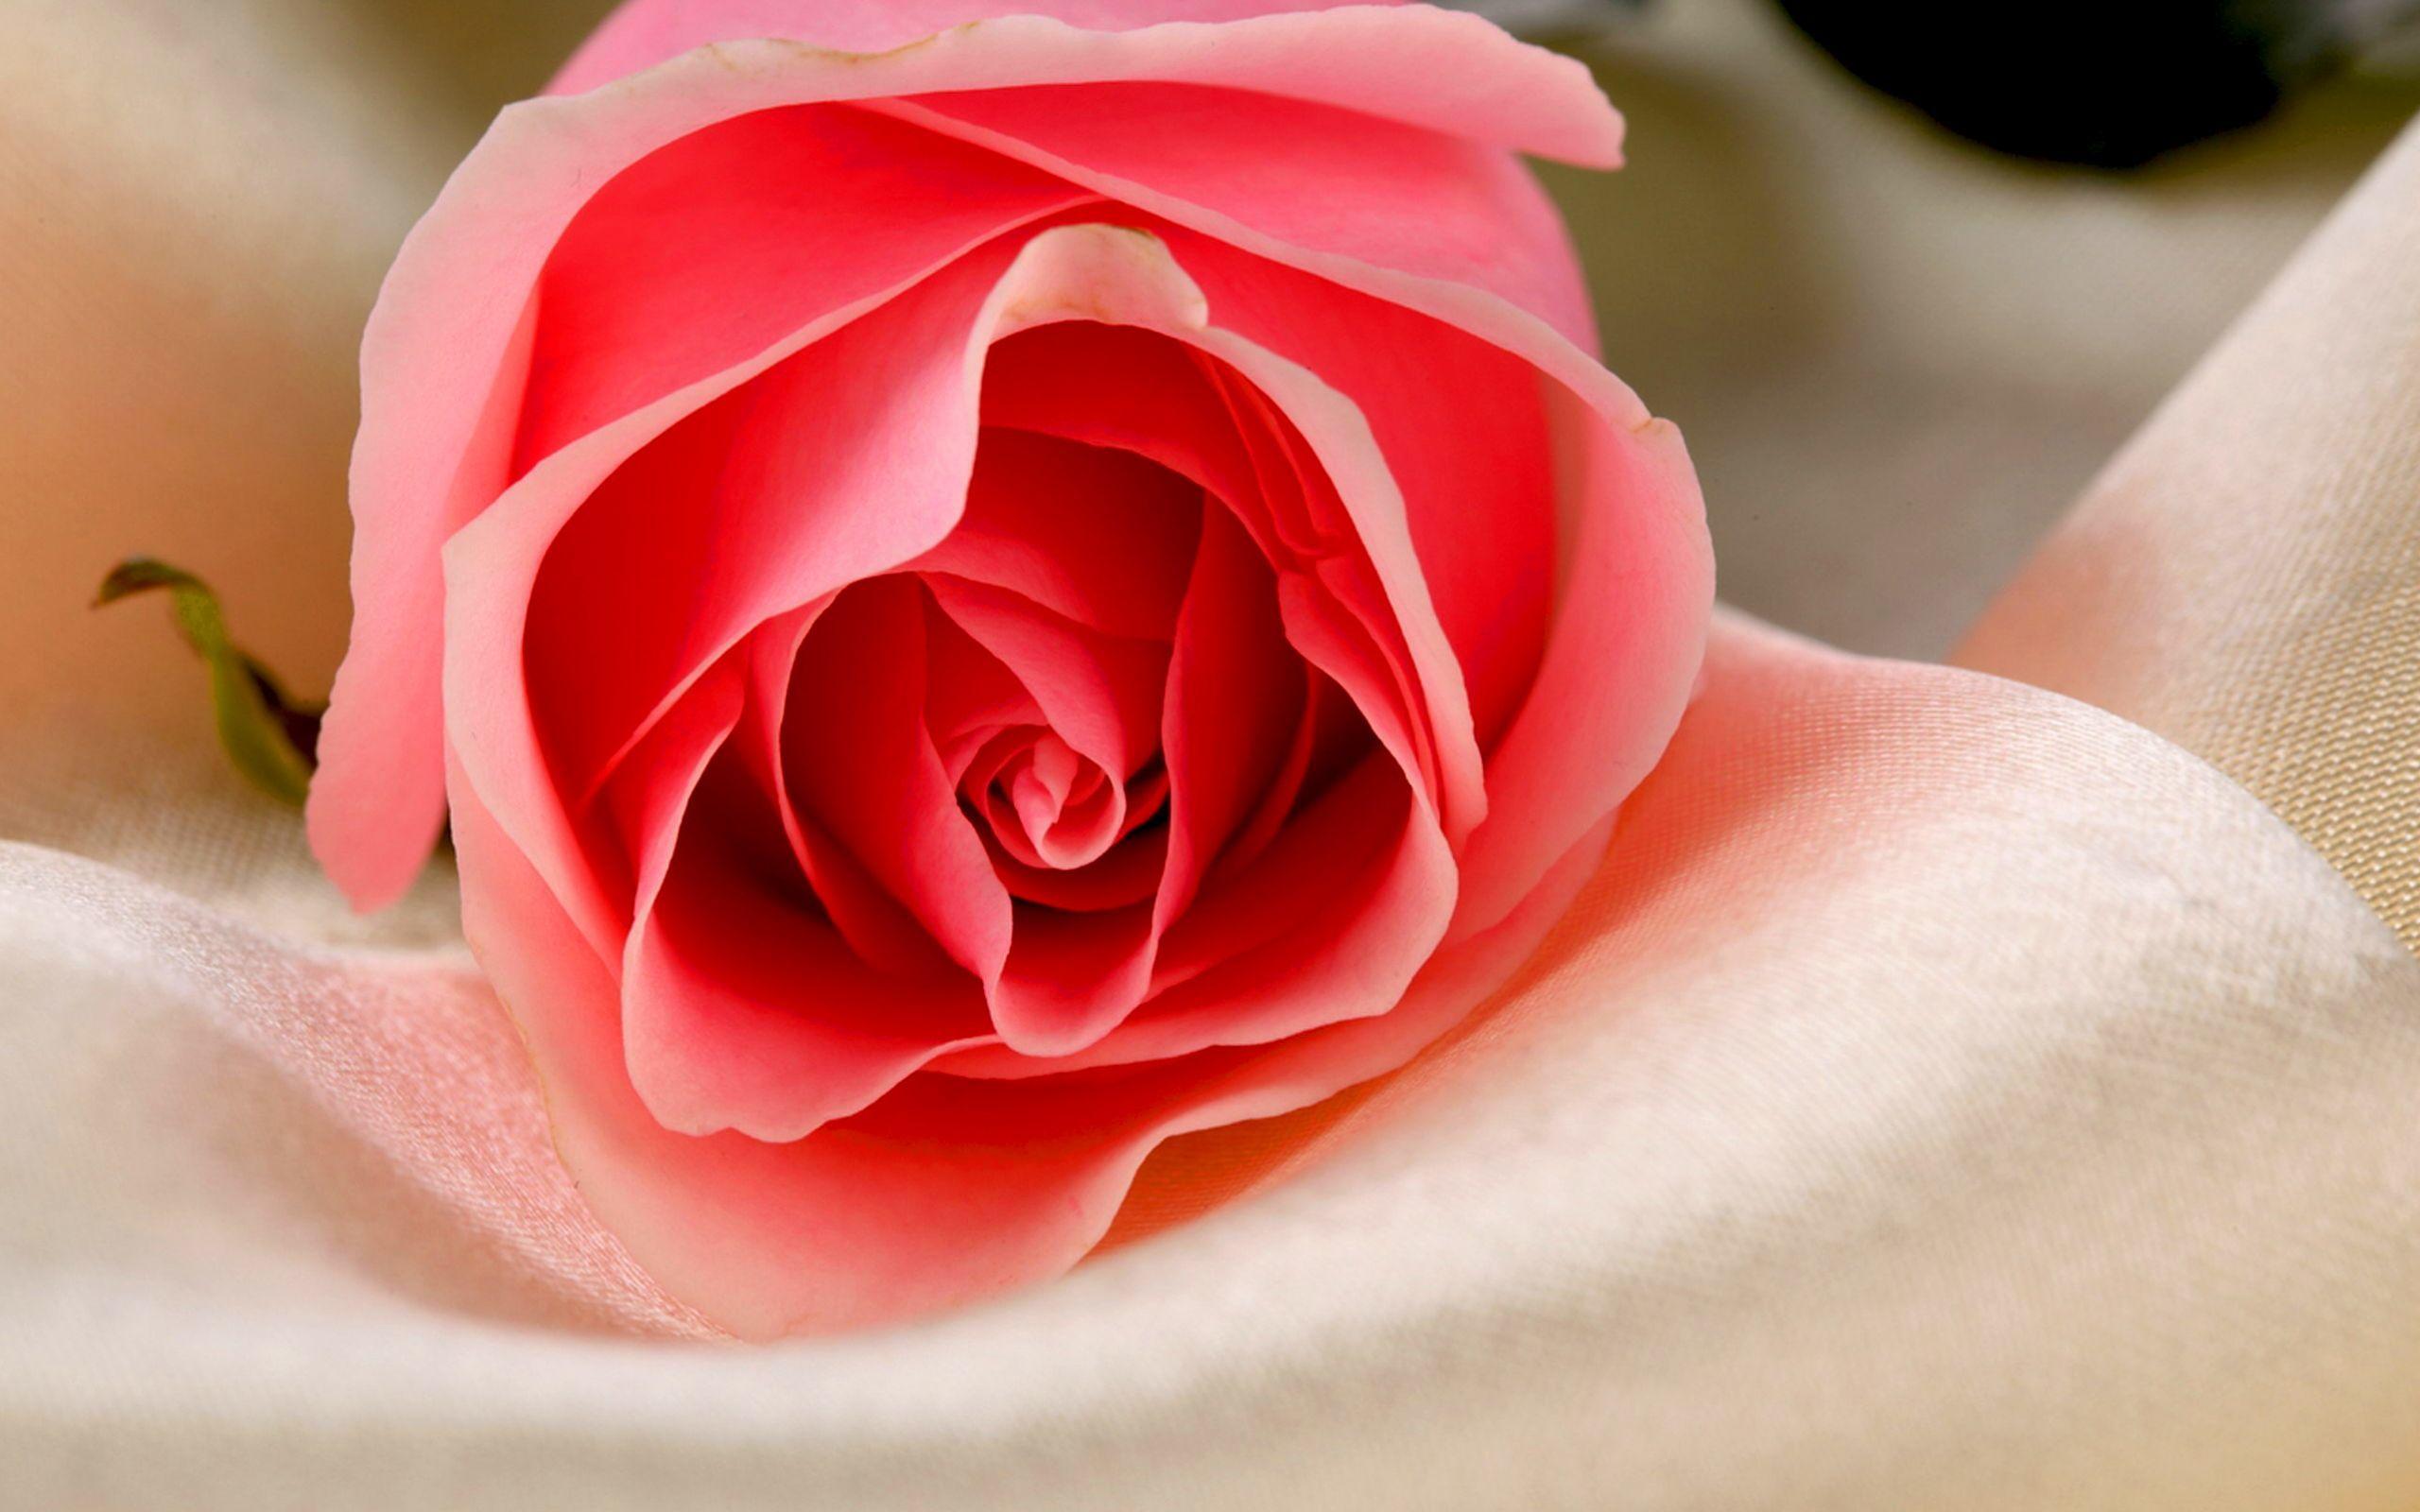 48542 скачать обои Растения, Цветы, Розы - заставки и картинки бесплатно